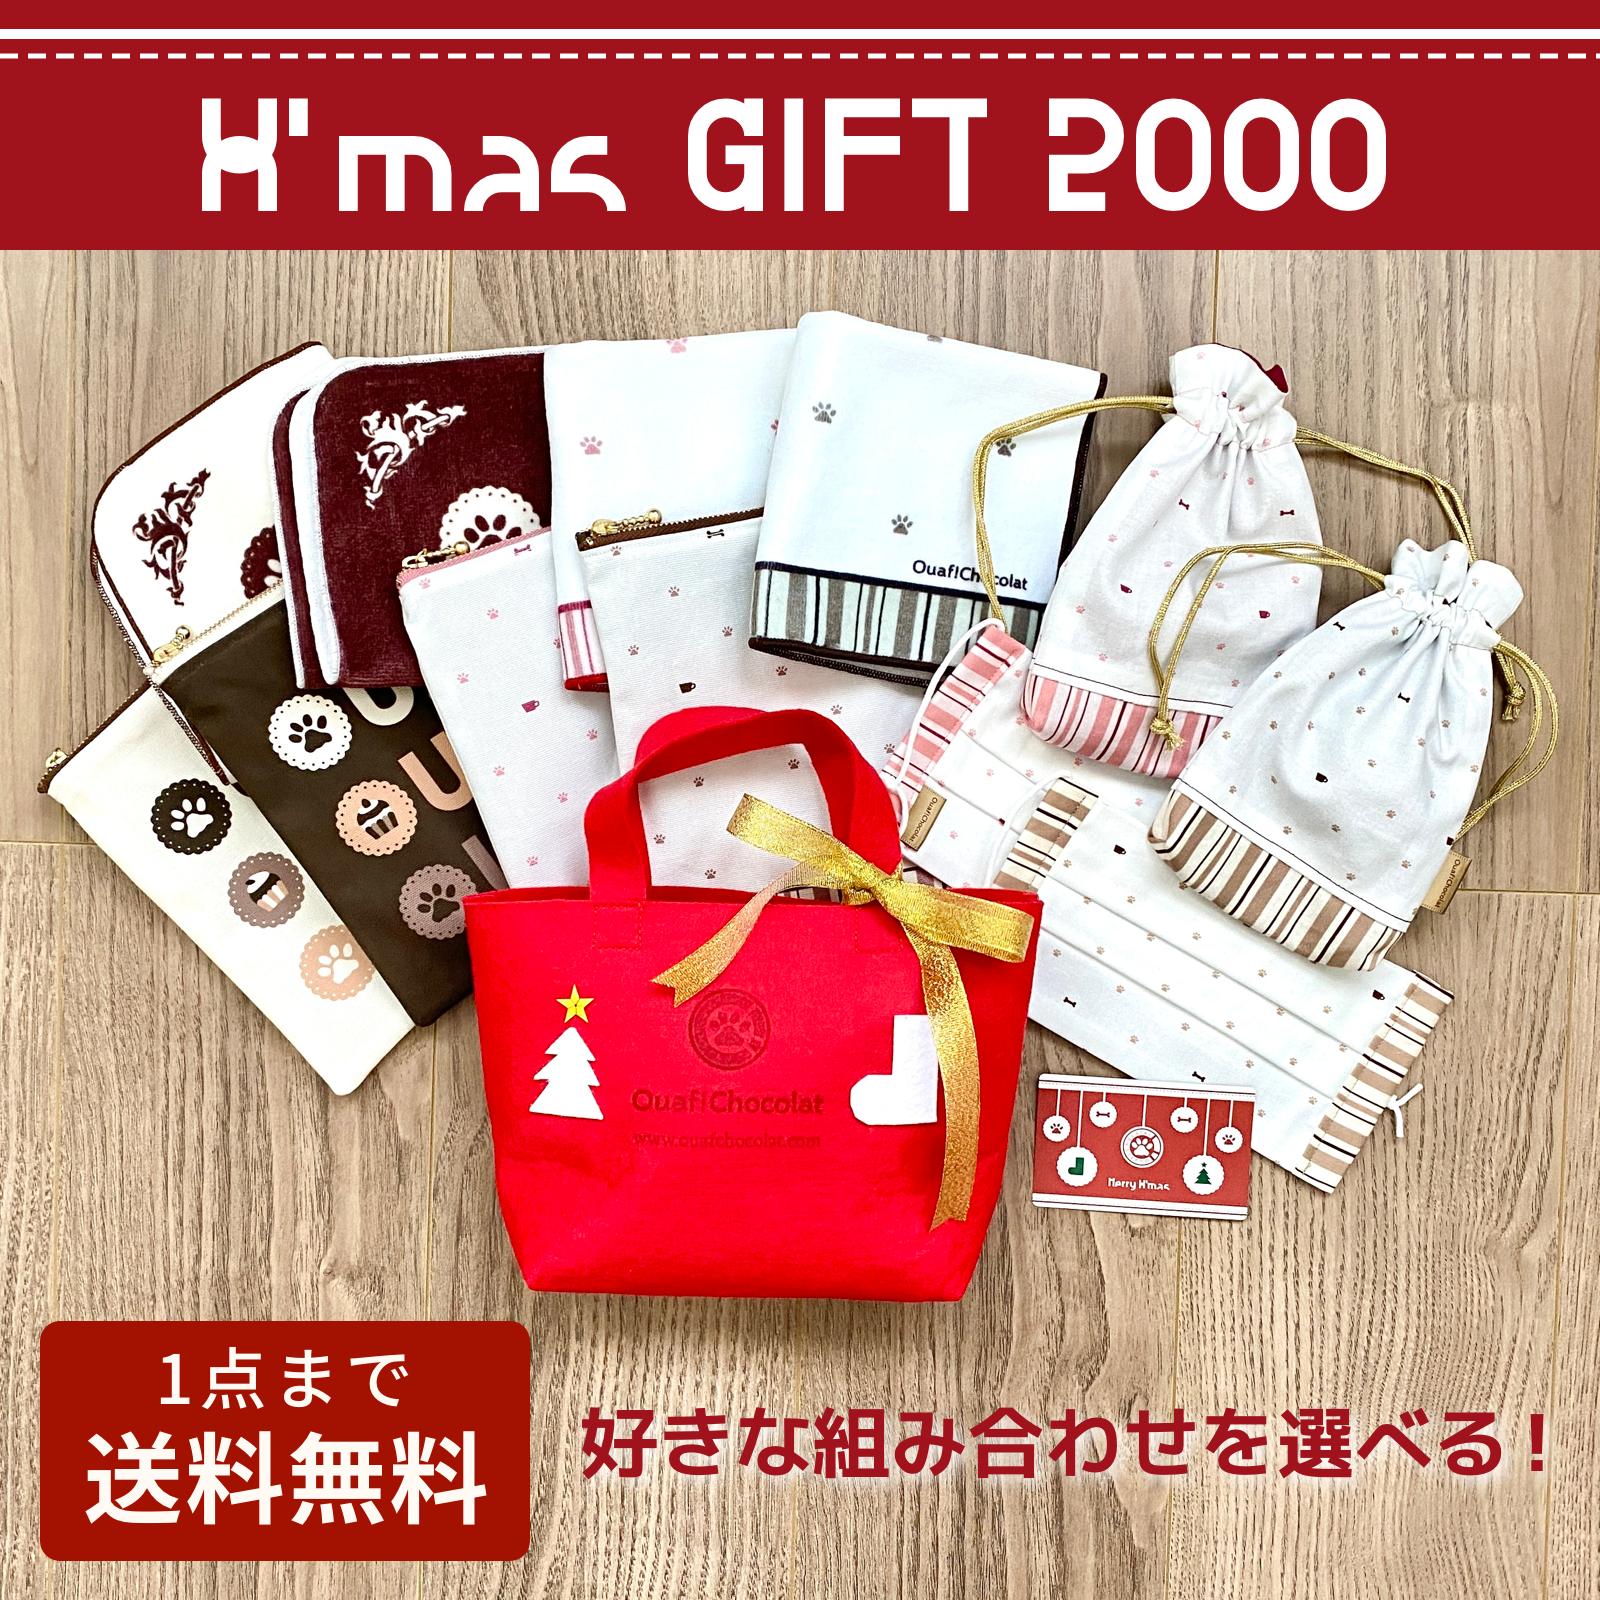 【1点まで送料無料】クリスマスギフト2000